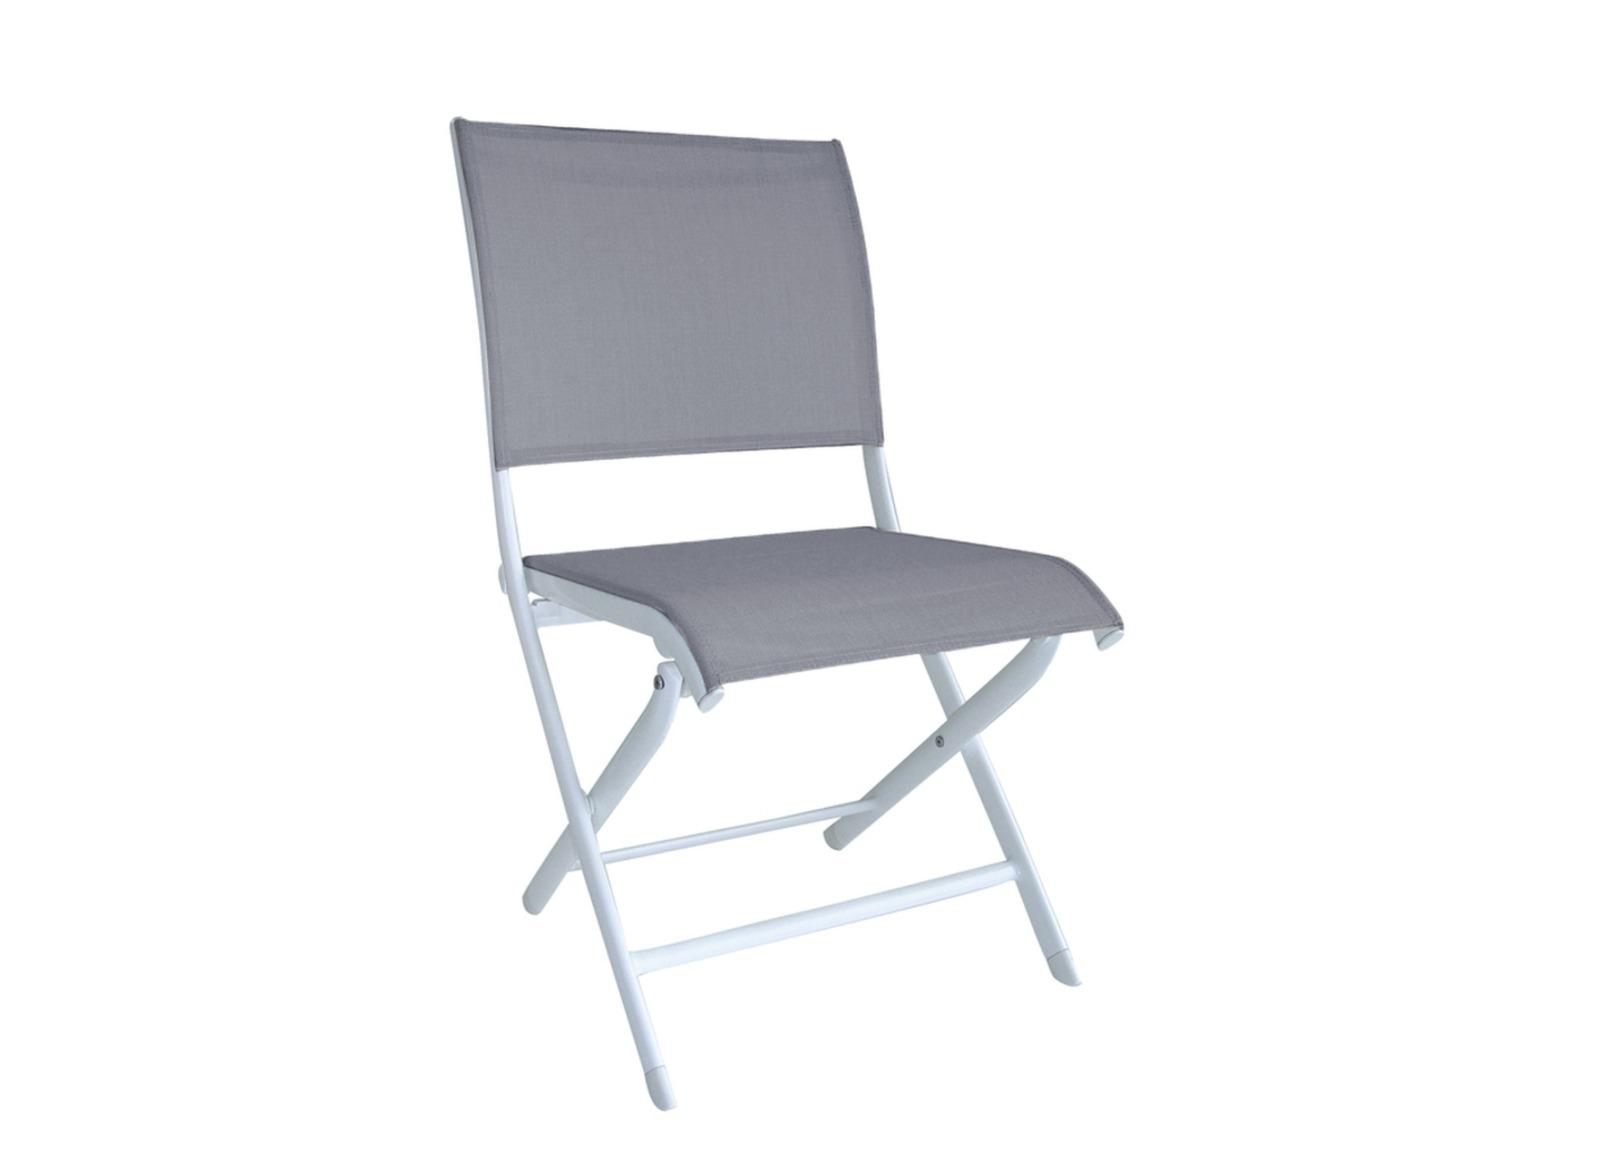 Chaise pliante Elégance